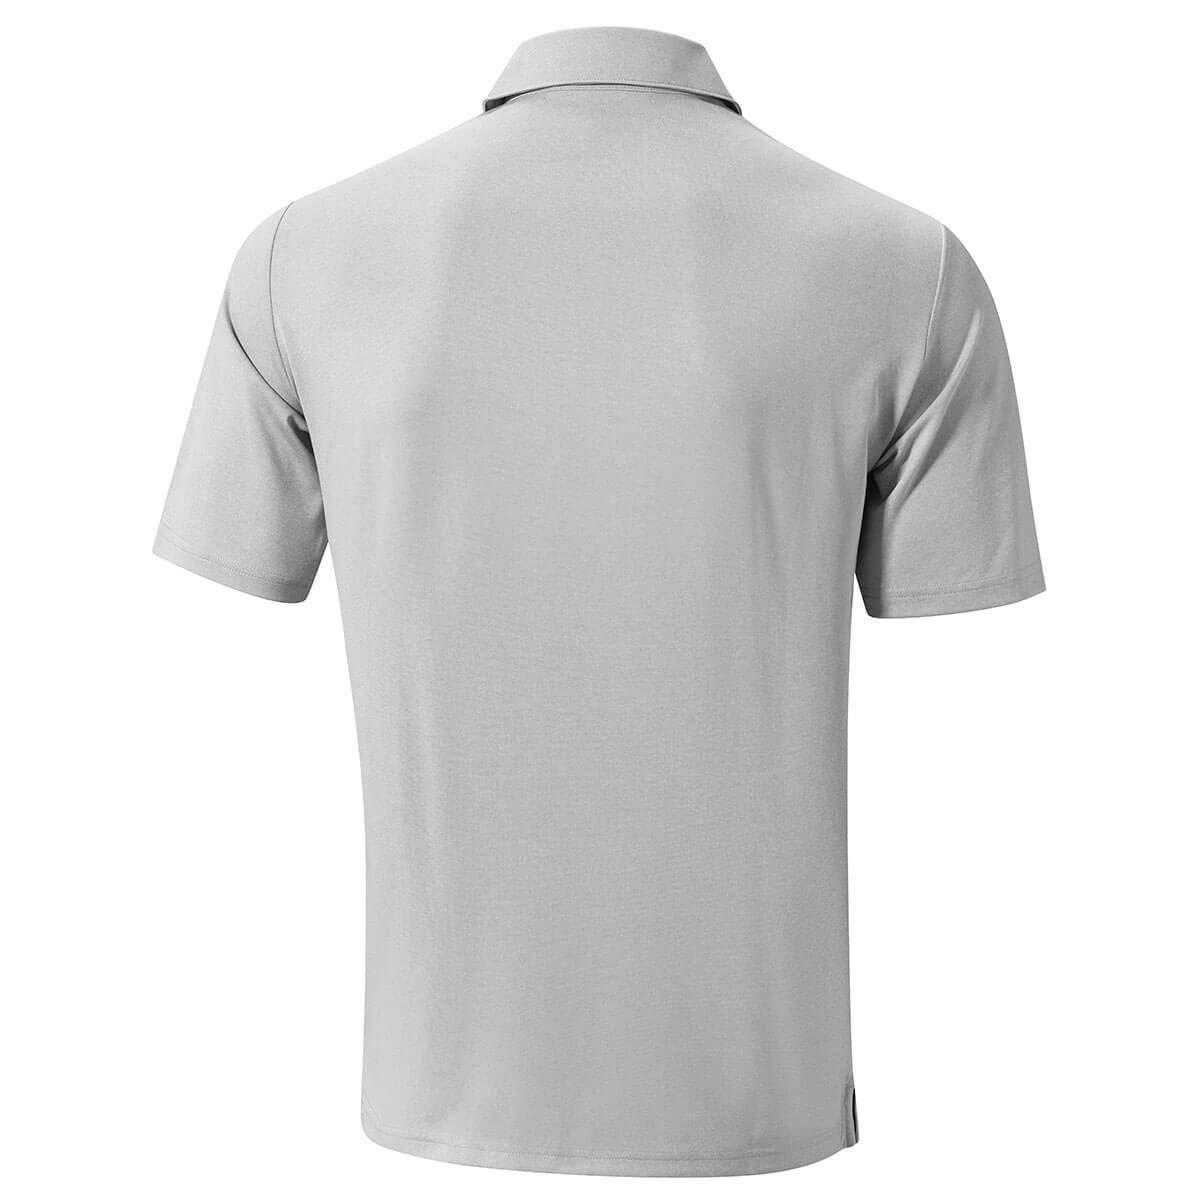 Mizuno Quick Dry Polo Hombre: Amazon.es: Ropa y accesorios